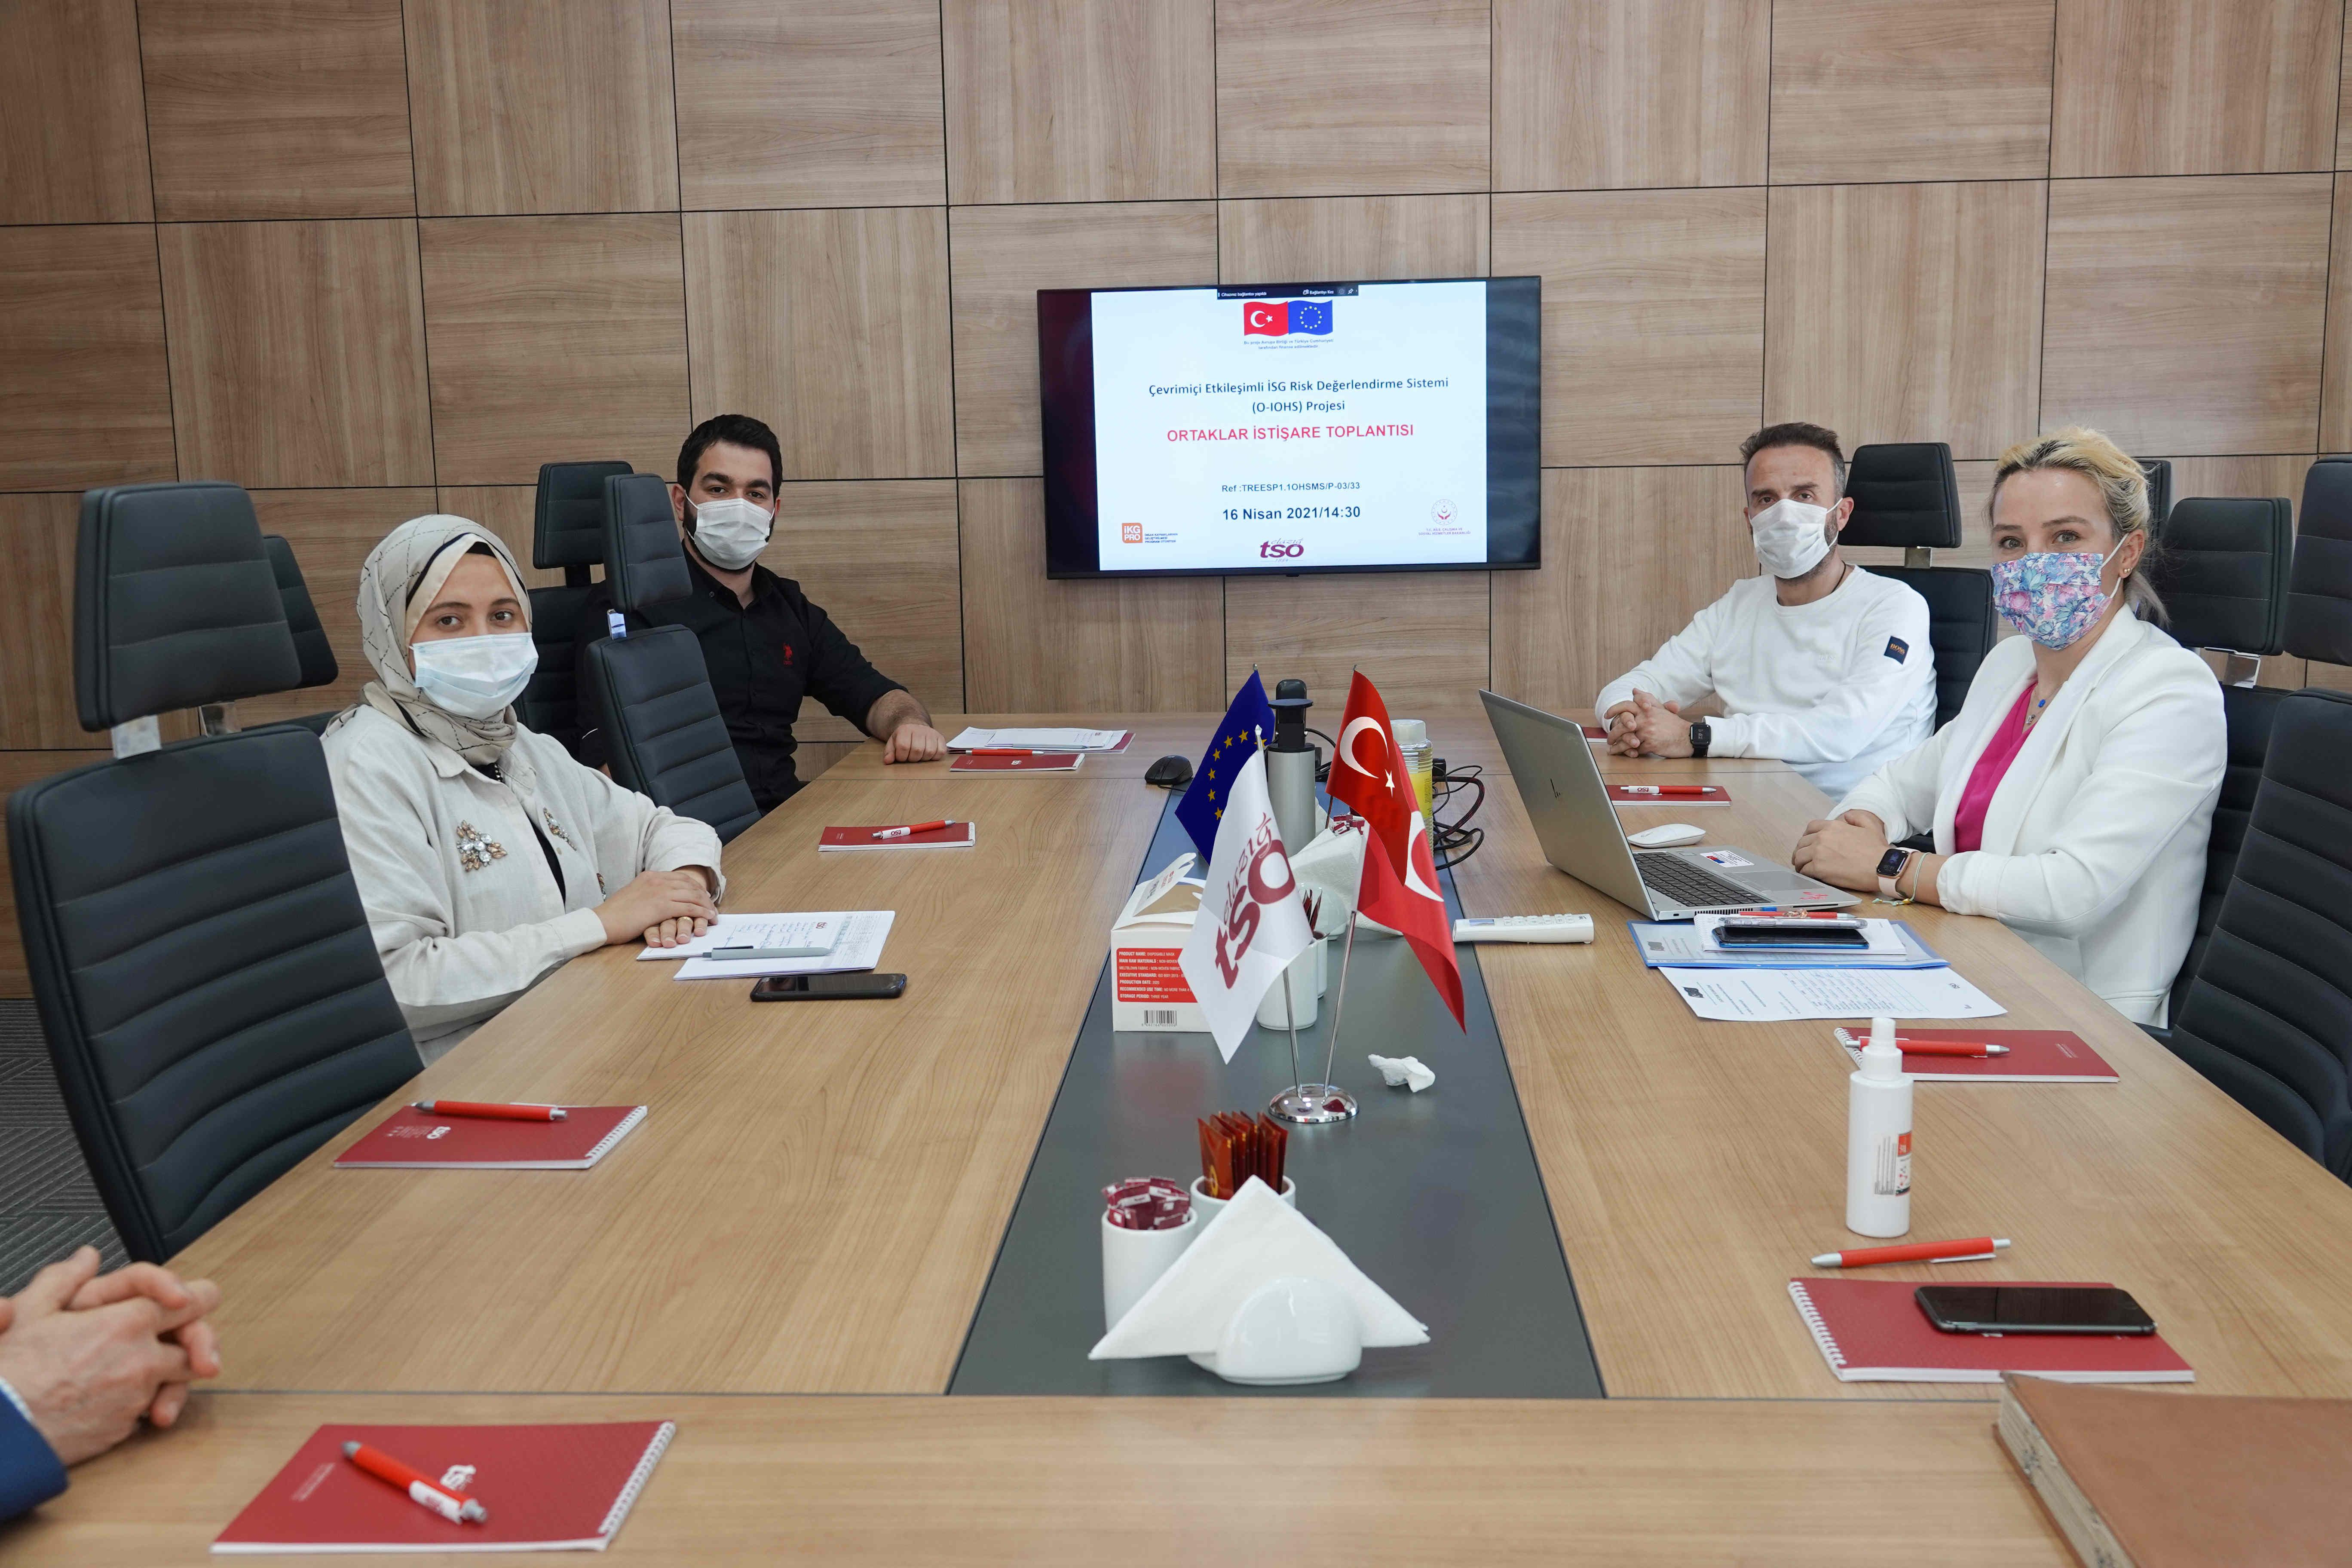 AB Proje Ortakları İstişare Toplantısı Gerçekleştirildi.